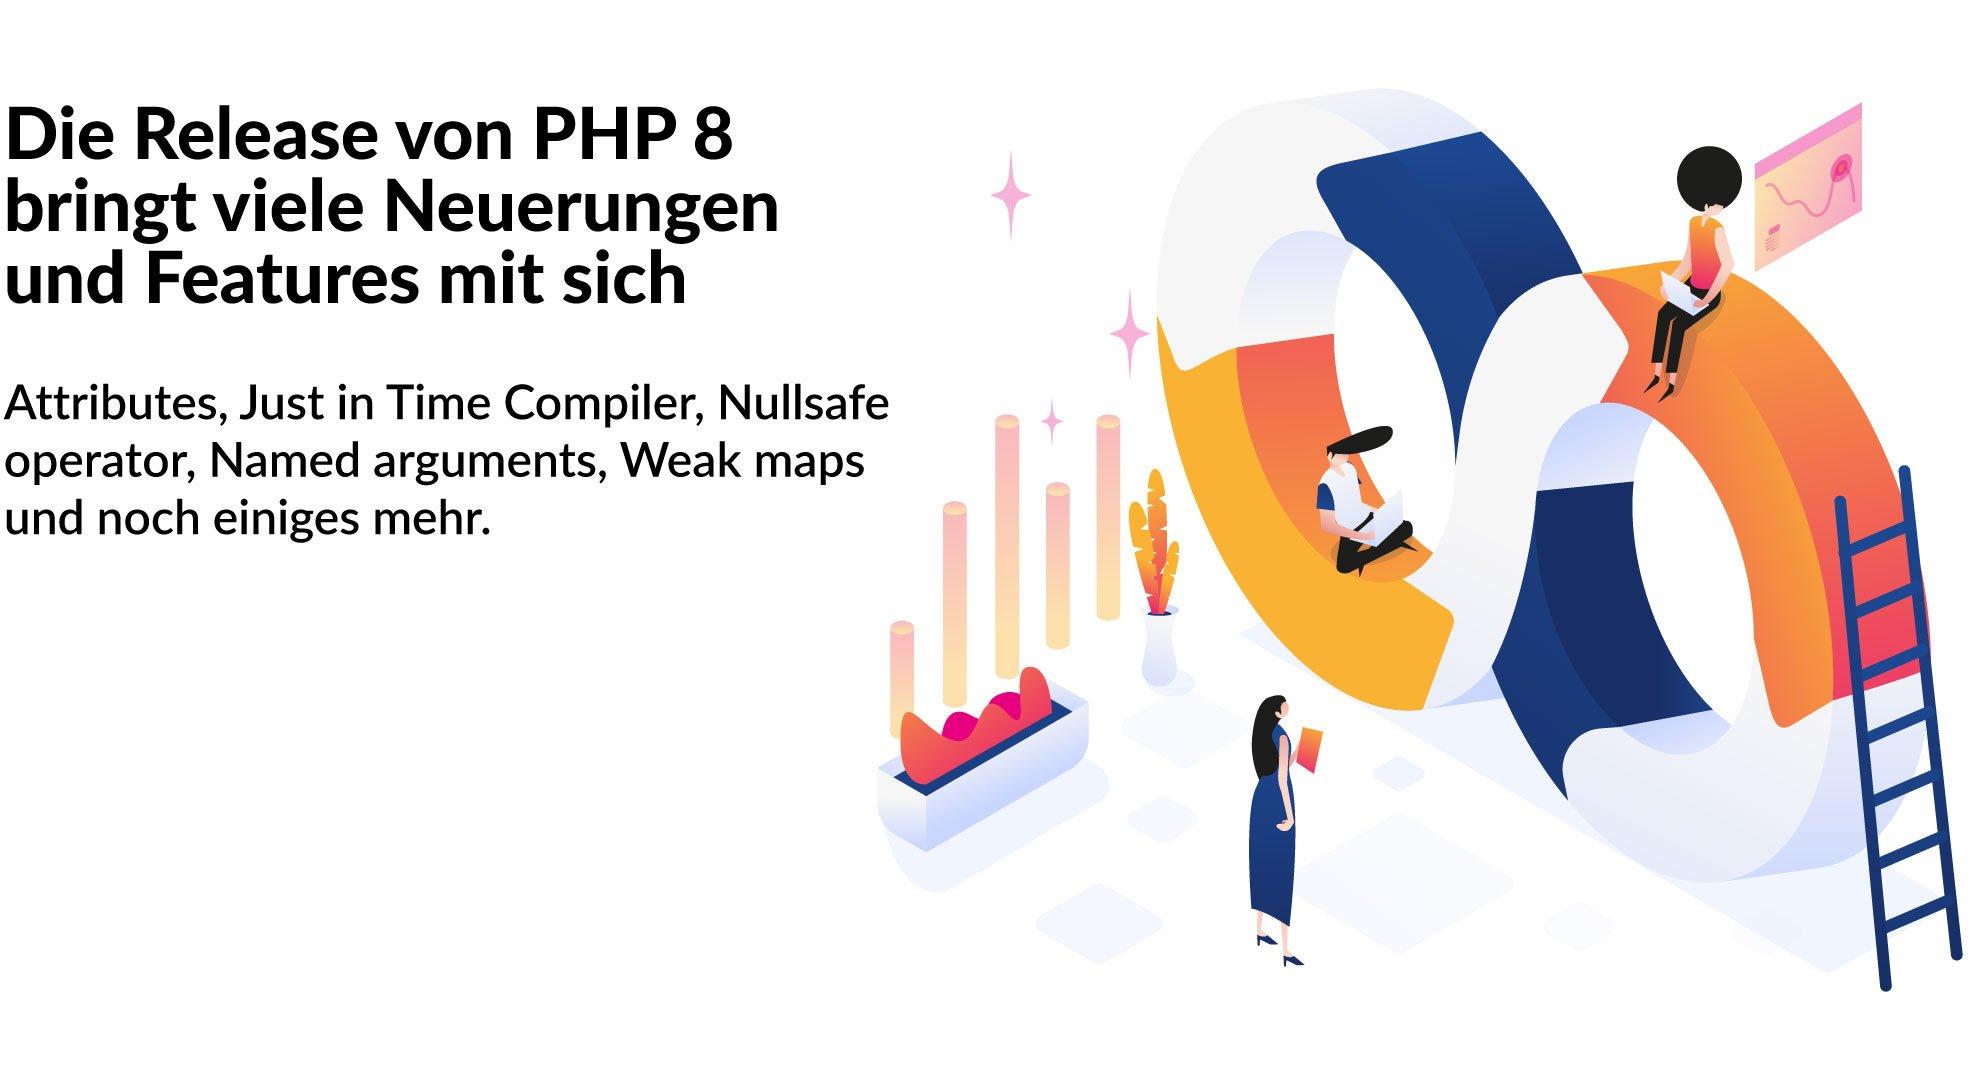 php8-neuerungen-1 1